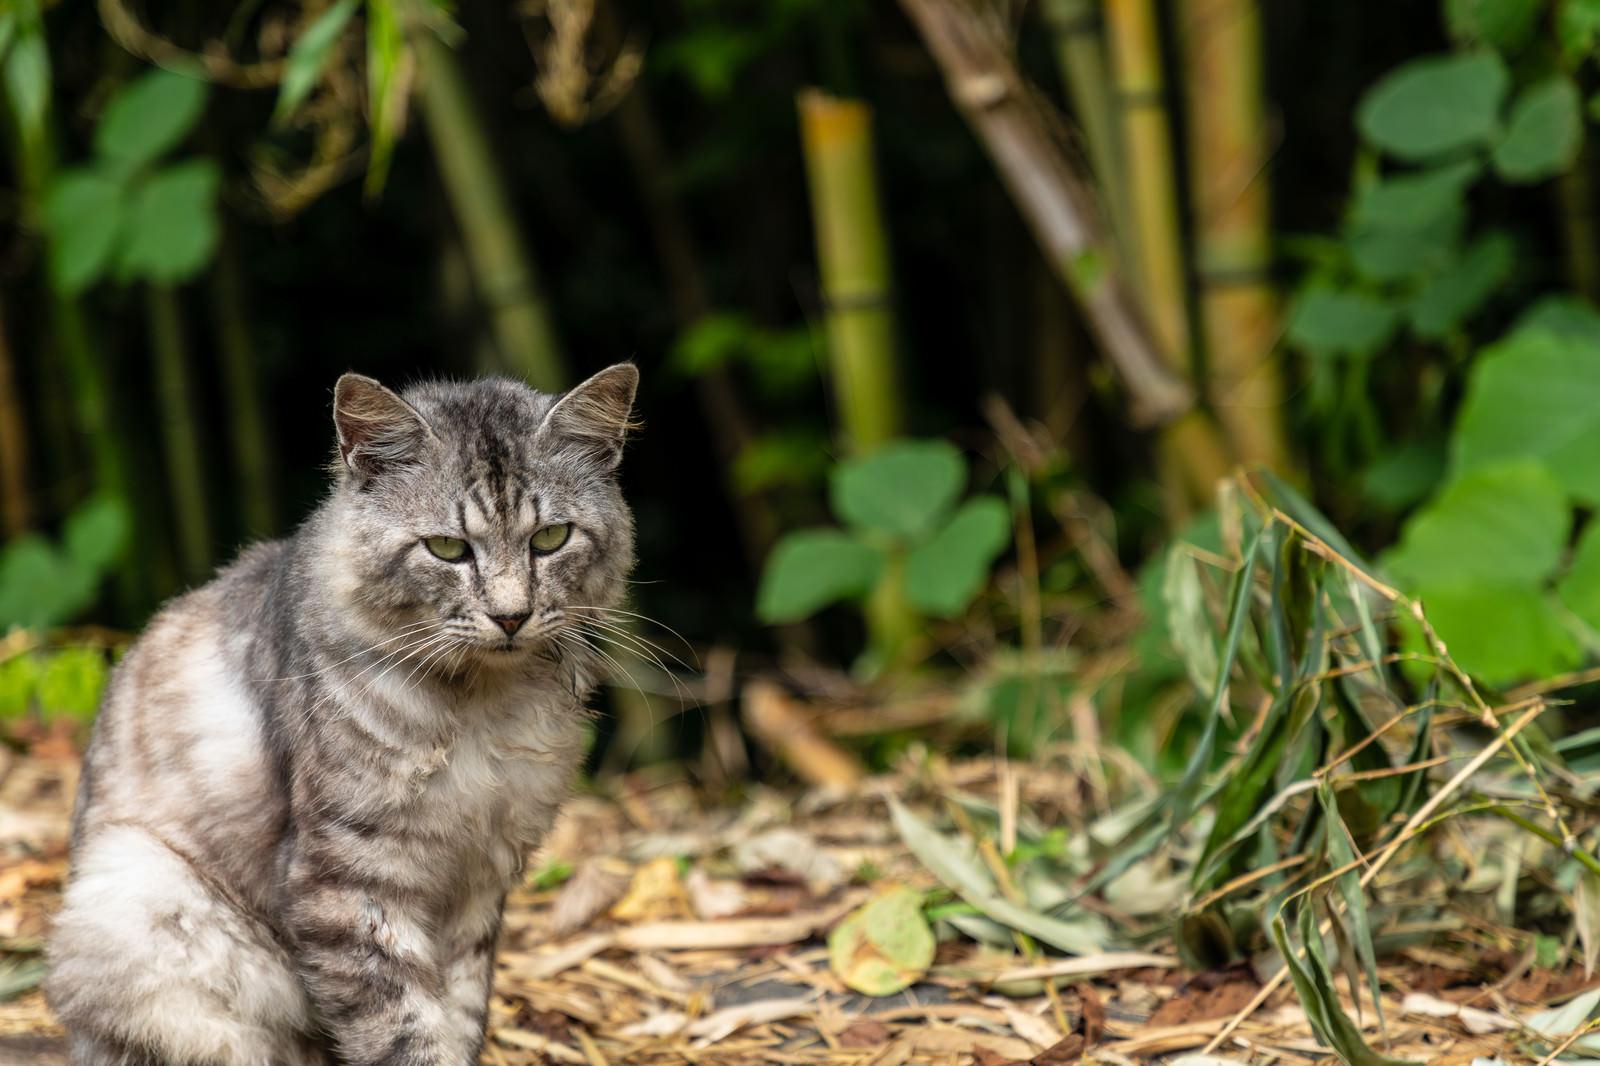 「竹藪にいる野良猫」の写真